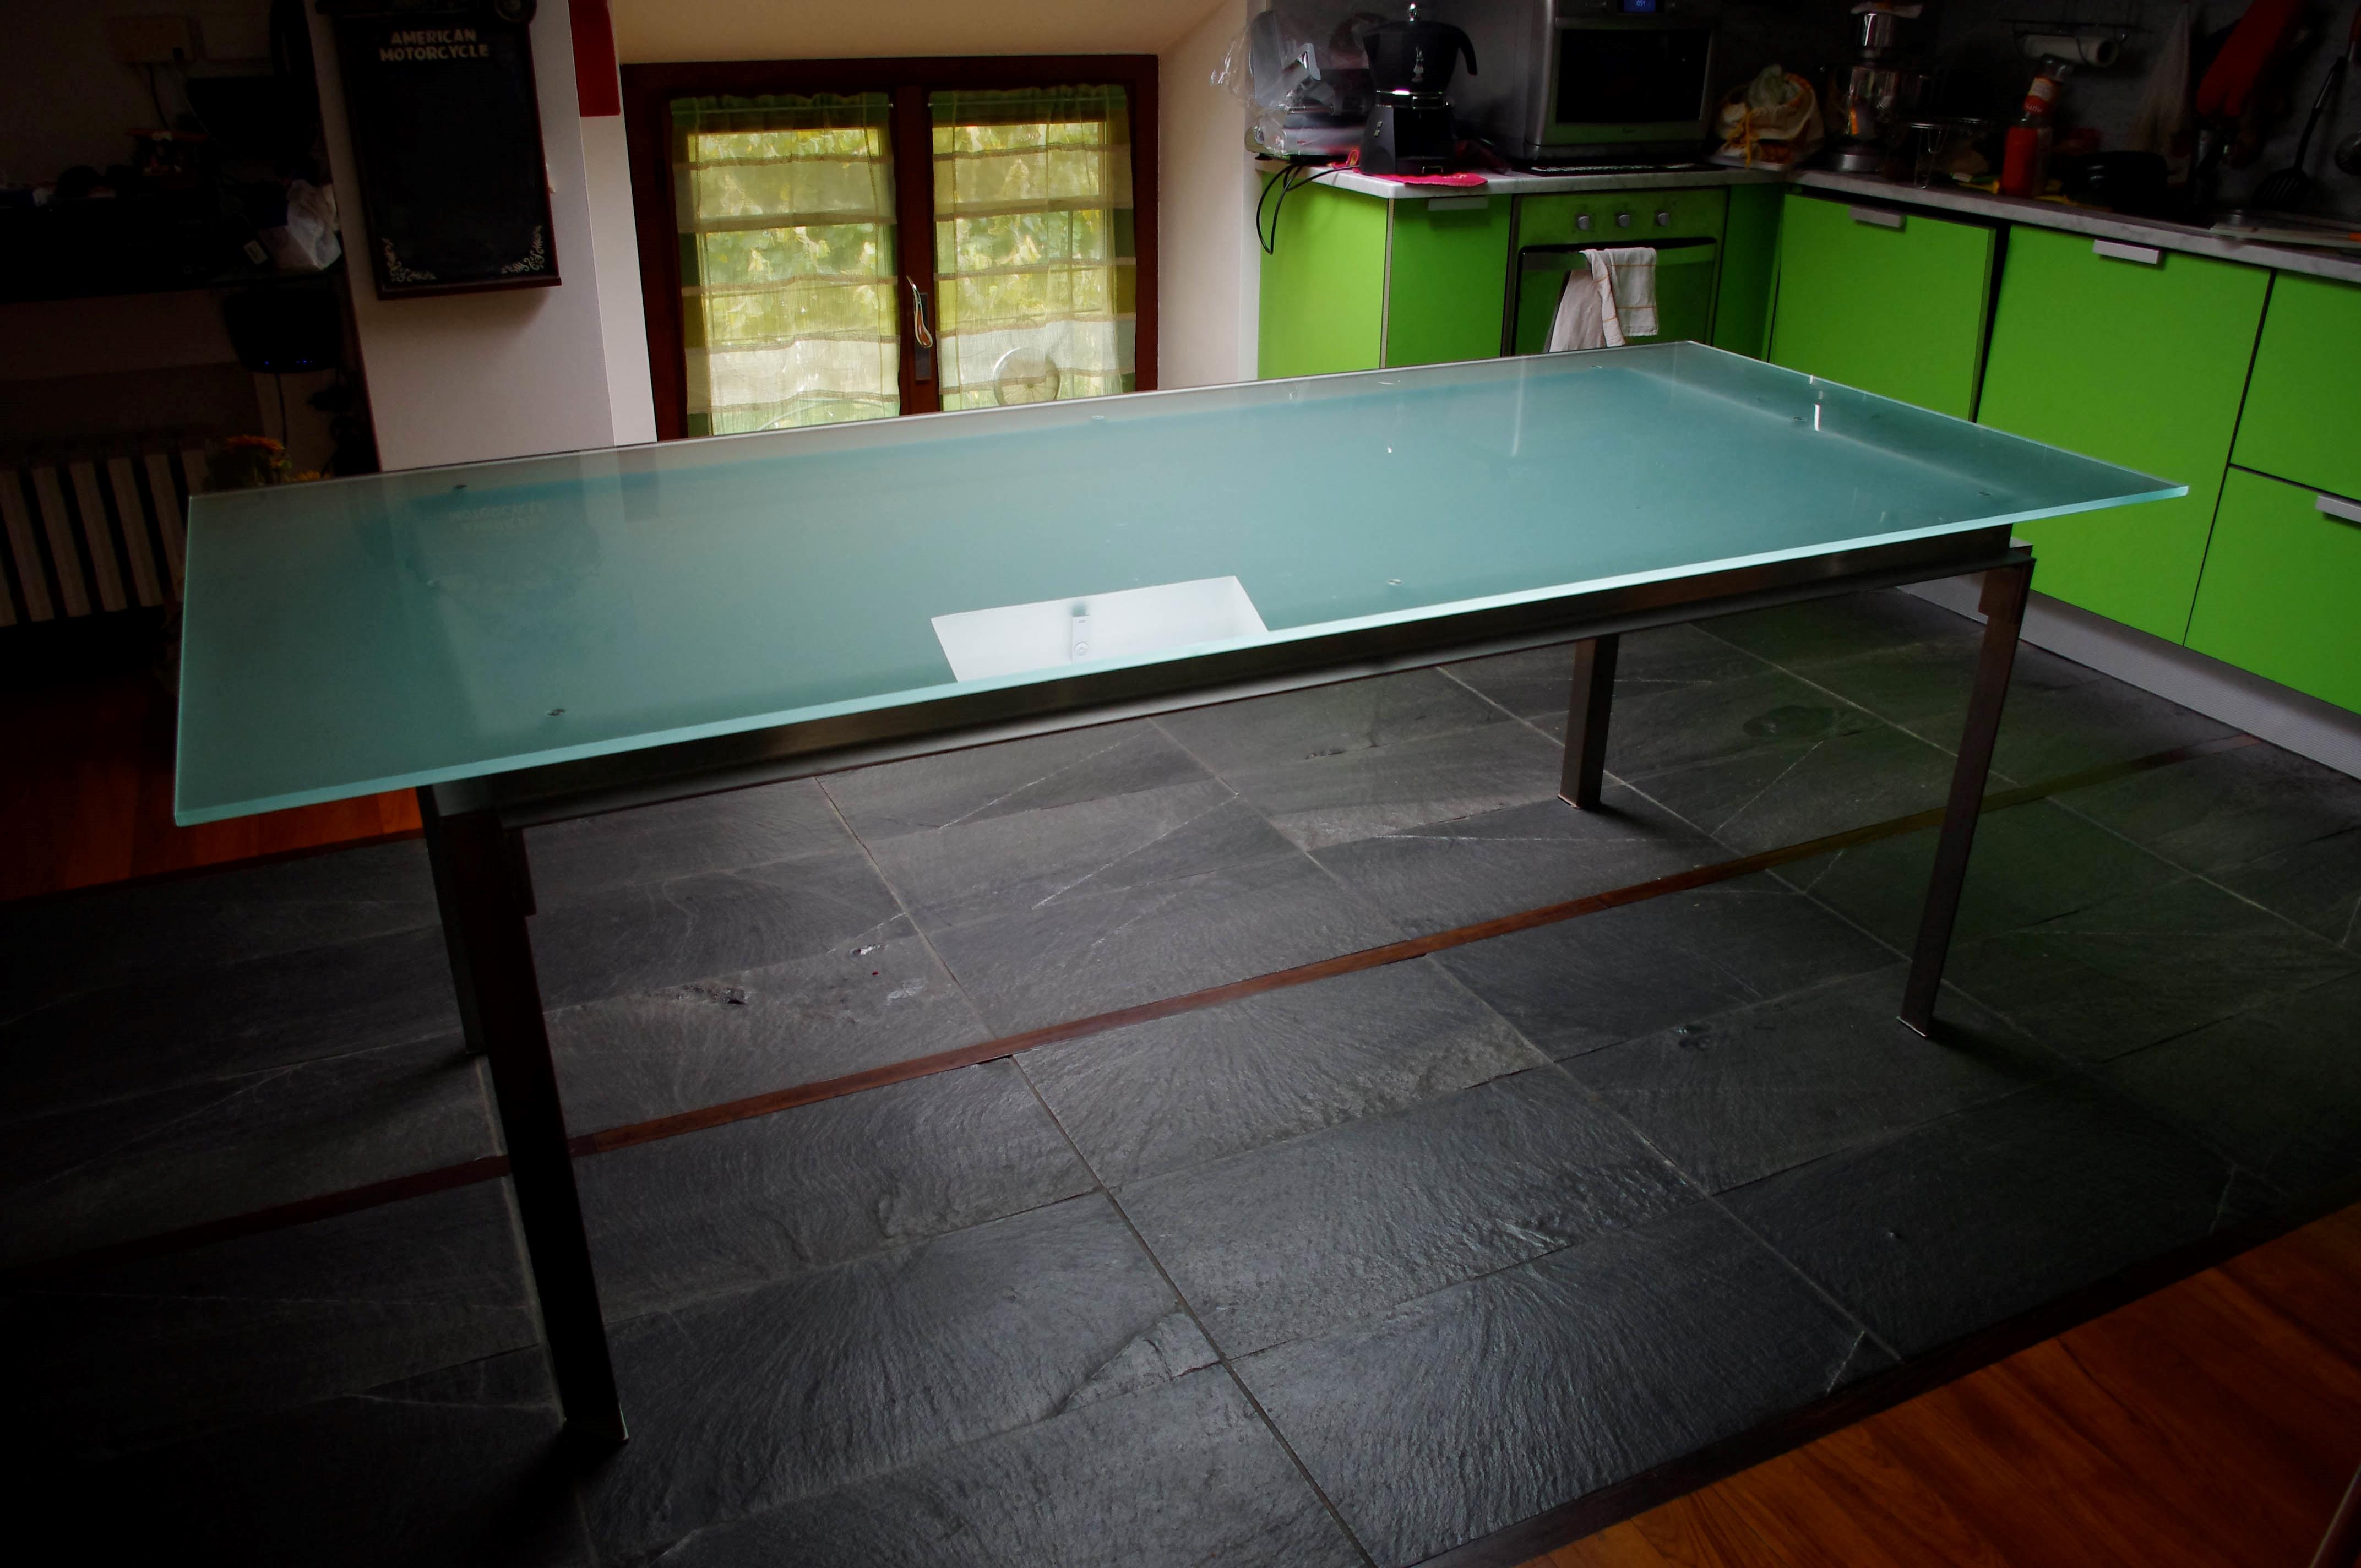 Tavolo fisso rettangolare in cristallo tavoli a prezzi scontati - Tavolo cristallo rettangolare usato ...